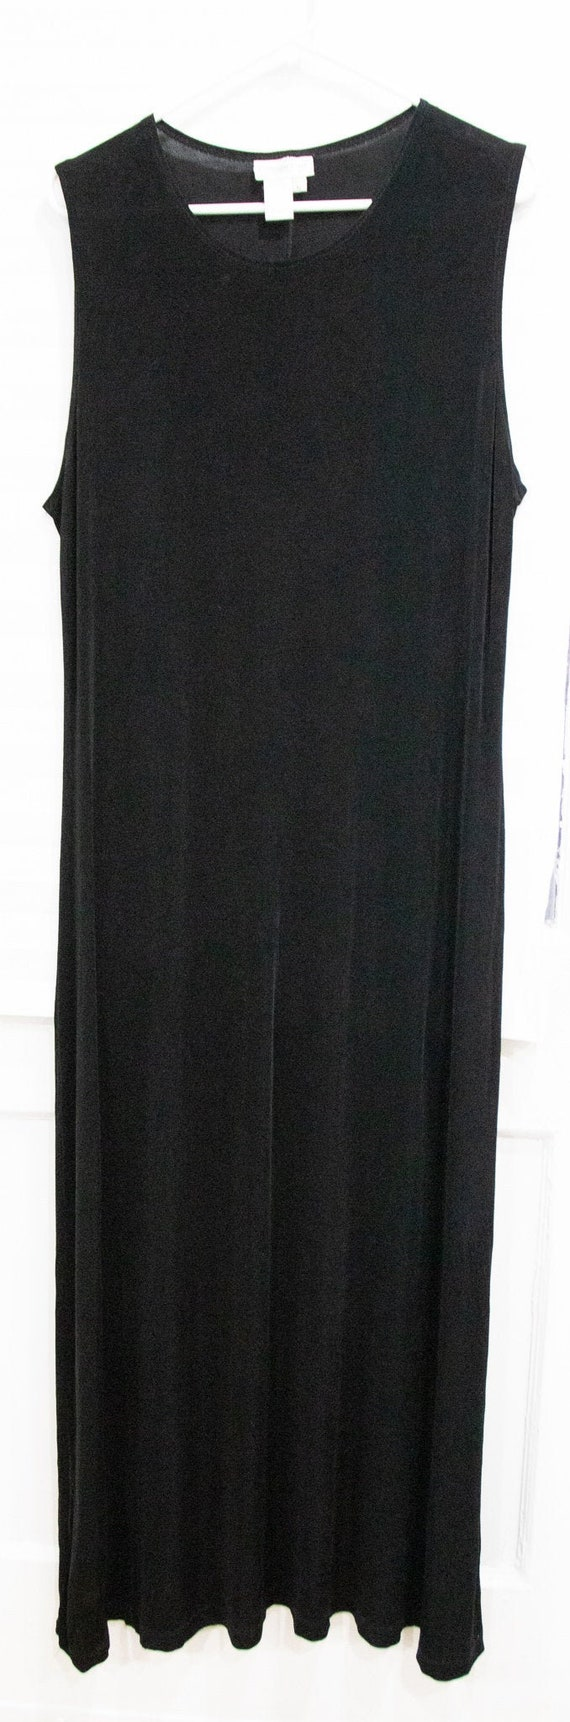 Vintage 1990's Minimalist Black Maxi Dress